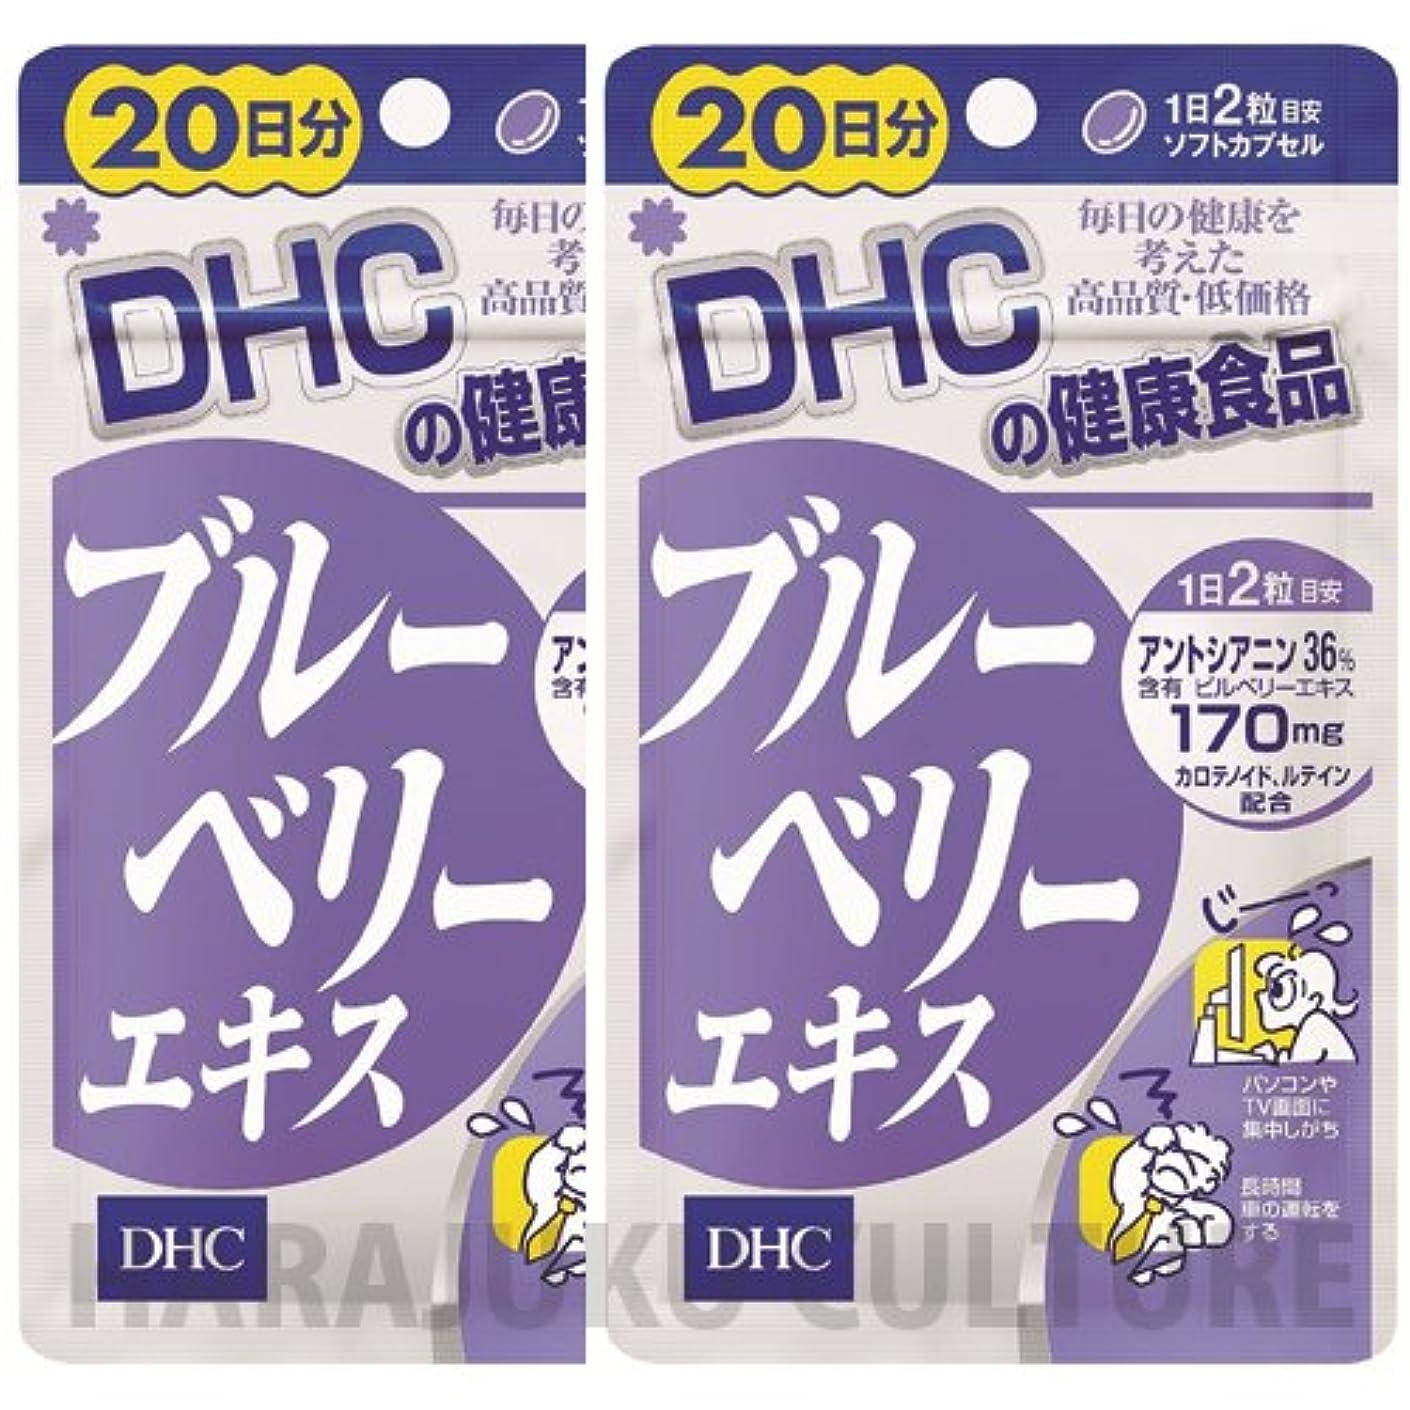 インレイ紳士気取りの、きざなパンフレットDHC ダイエットパワー 20日分 60粒